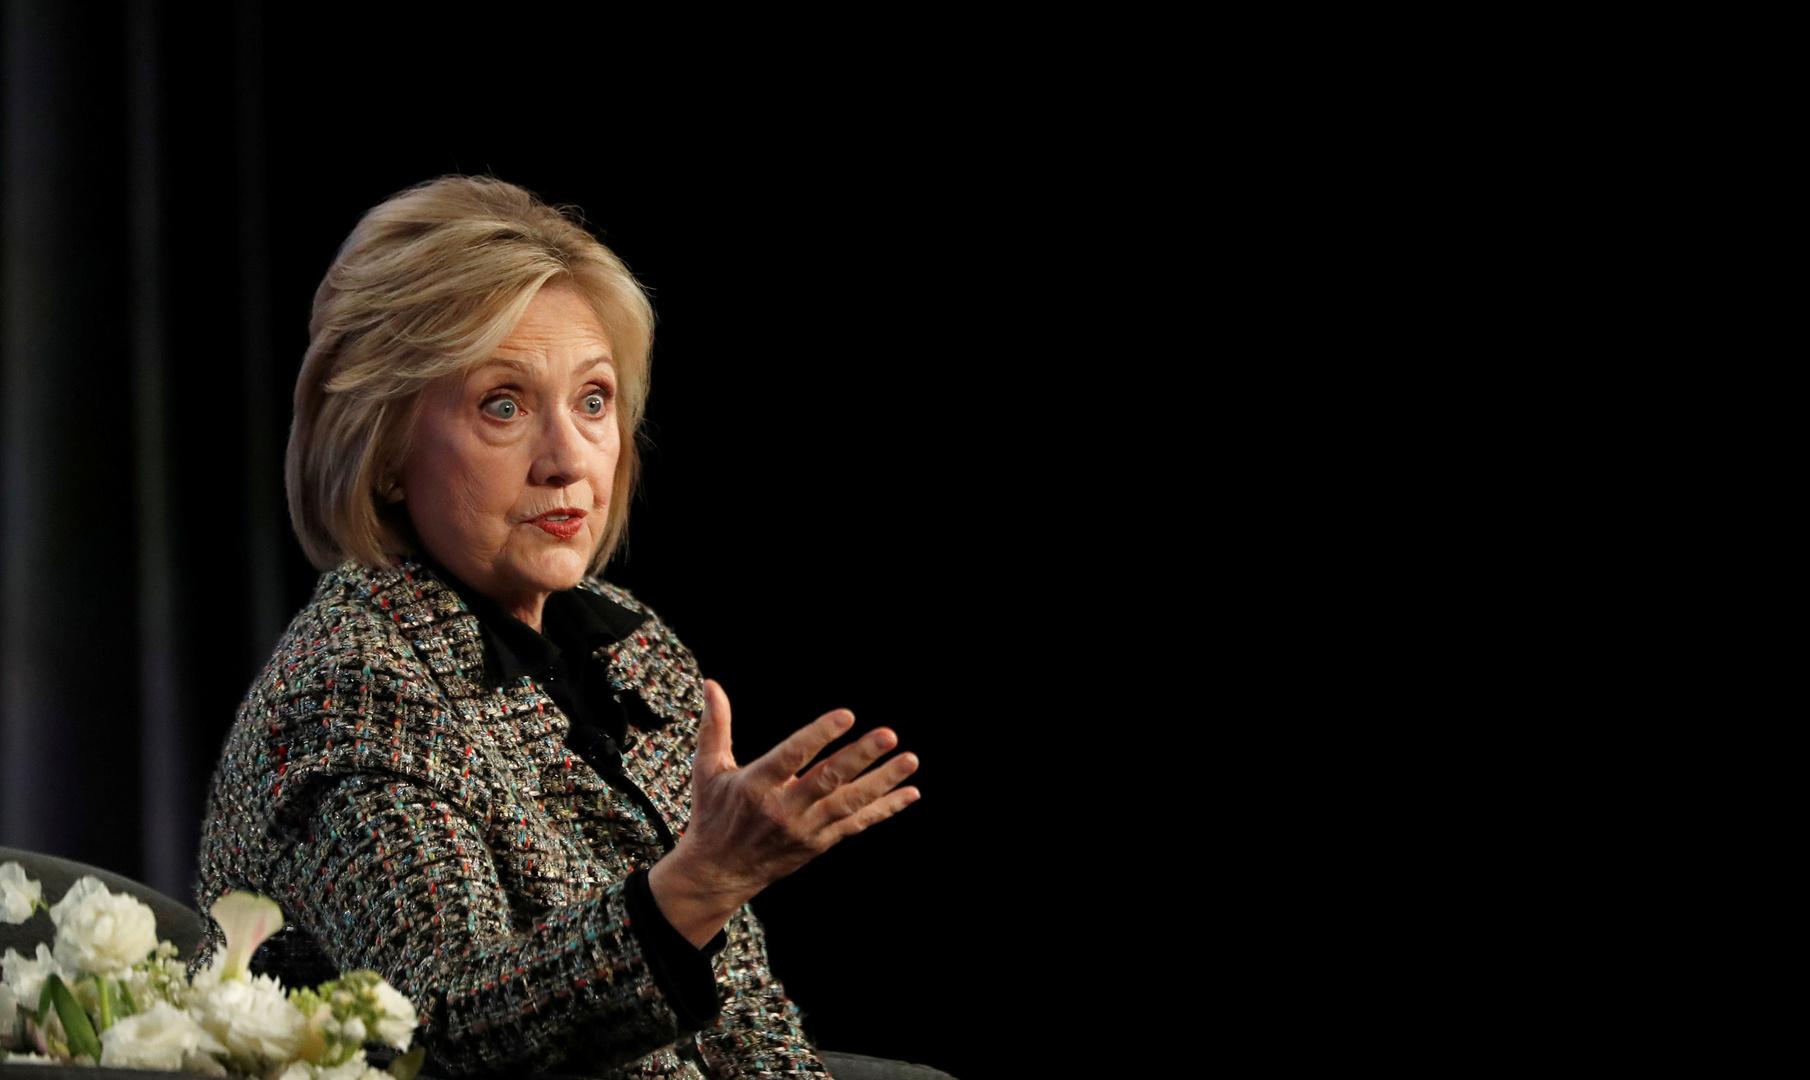 وزيرة الخارجية الأمريكية والمرشحة الرئاسية من الحزب الديمقراطي السابقة، هيلاري كلينتون.